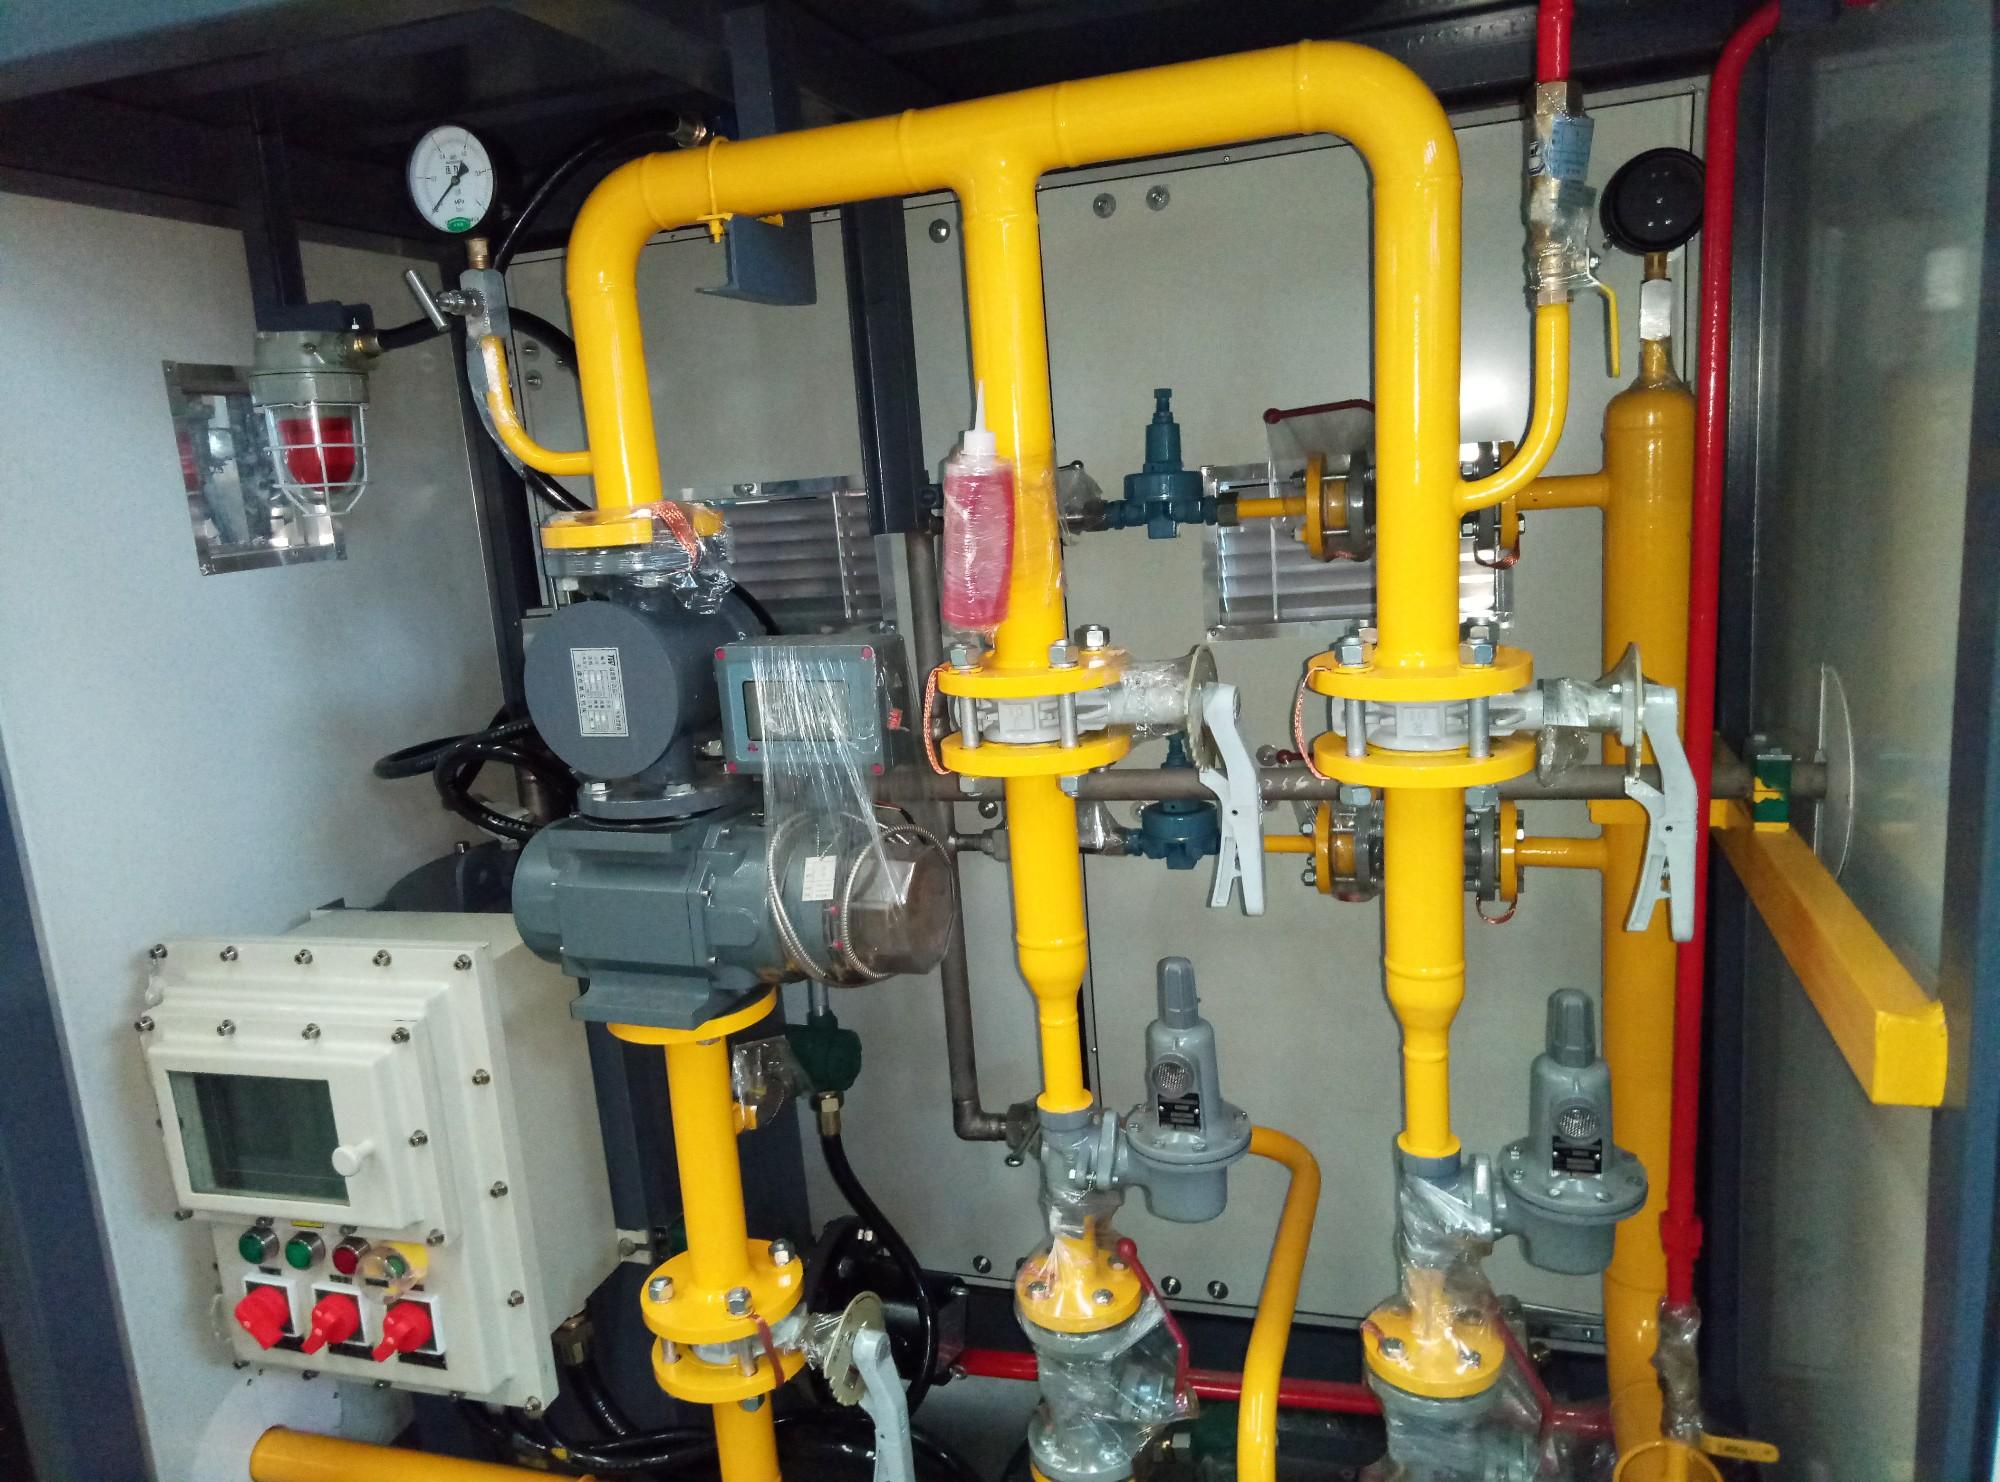 Acheter Régulateur de pression 100NM3 / H pour gaz industriel,Régulateur de pression 100NM3 / H pour gaz industriel Prix,Régulateur de pression 100NM3 / H pour gaz industriel Marques,Régulateur de pression 100NM3 / H pour gaz industriel Fabricant,Régulateur de pression 100NM3 / H pour gaz industriel Quotes,Régulateur de pression 100NM3 / H pour gaz industriel Société,